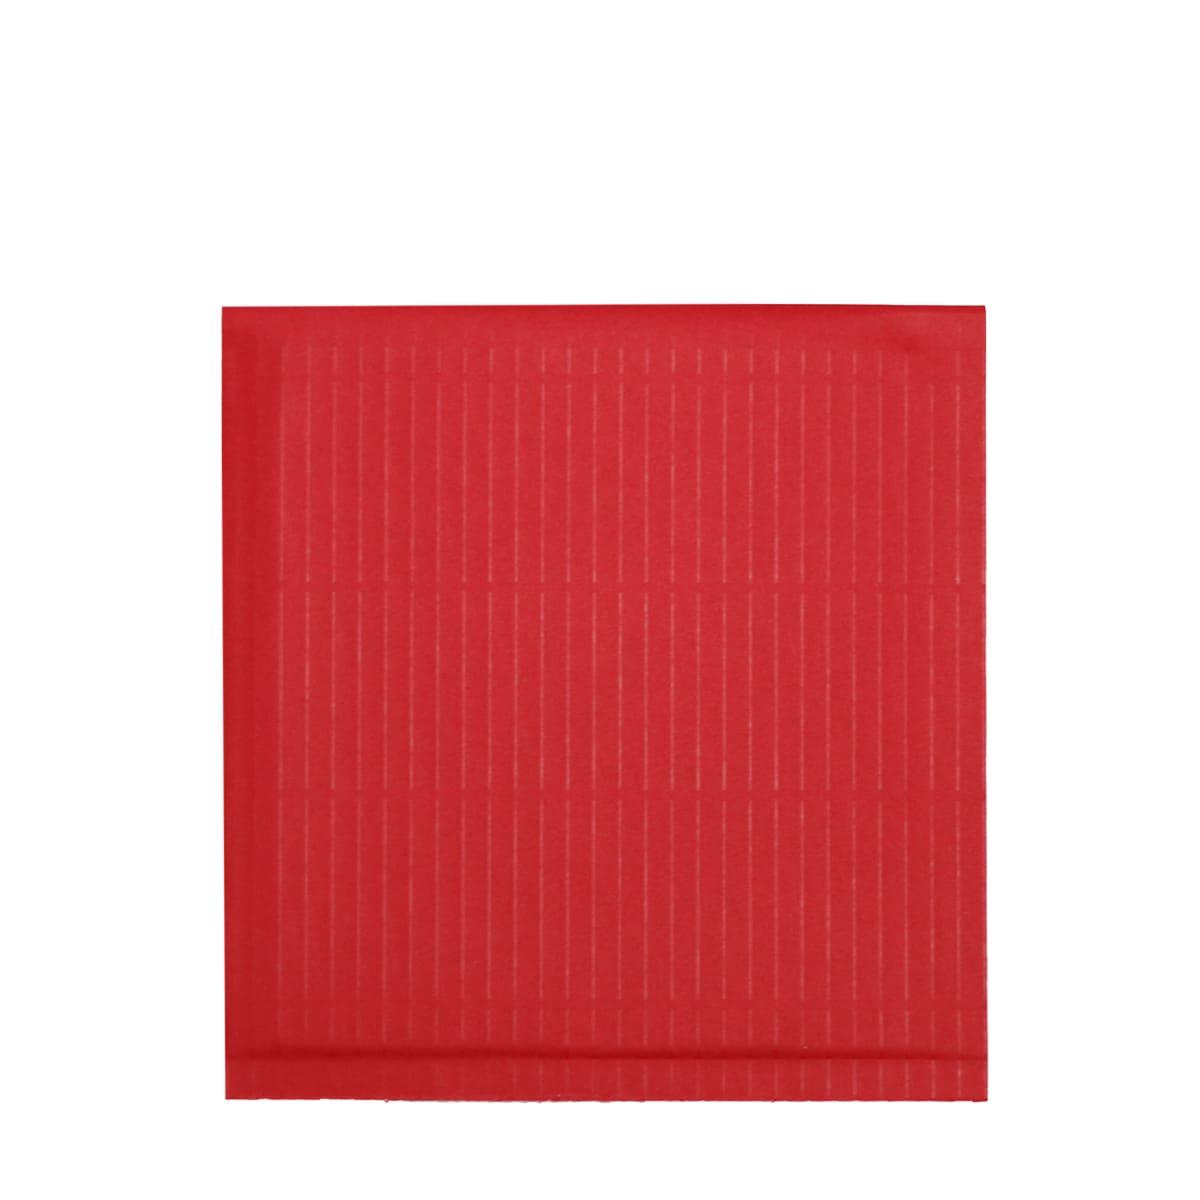 180 x 165mm RED PAPER PADDED ENVELOPES